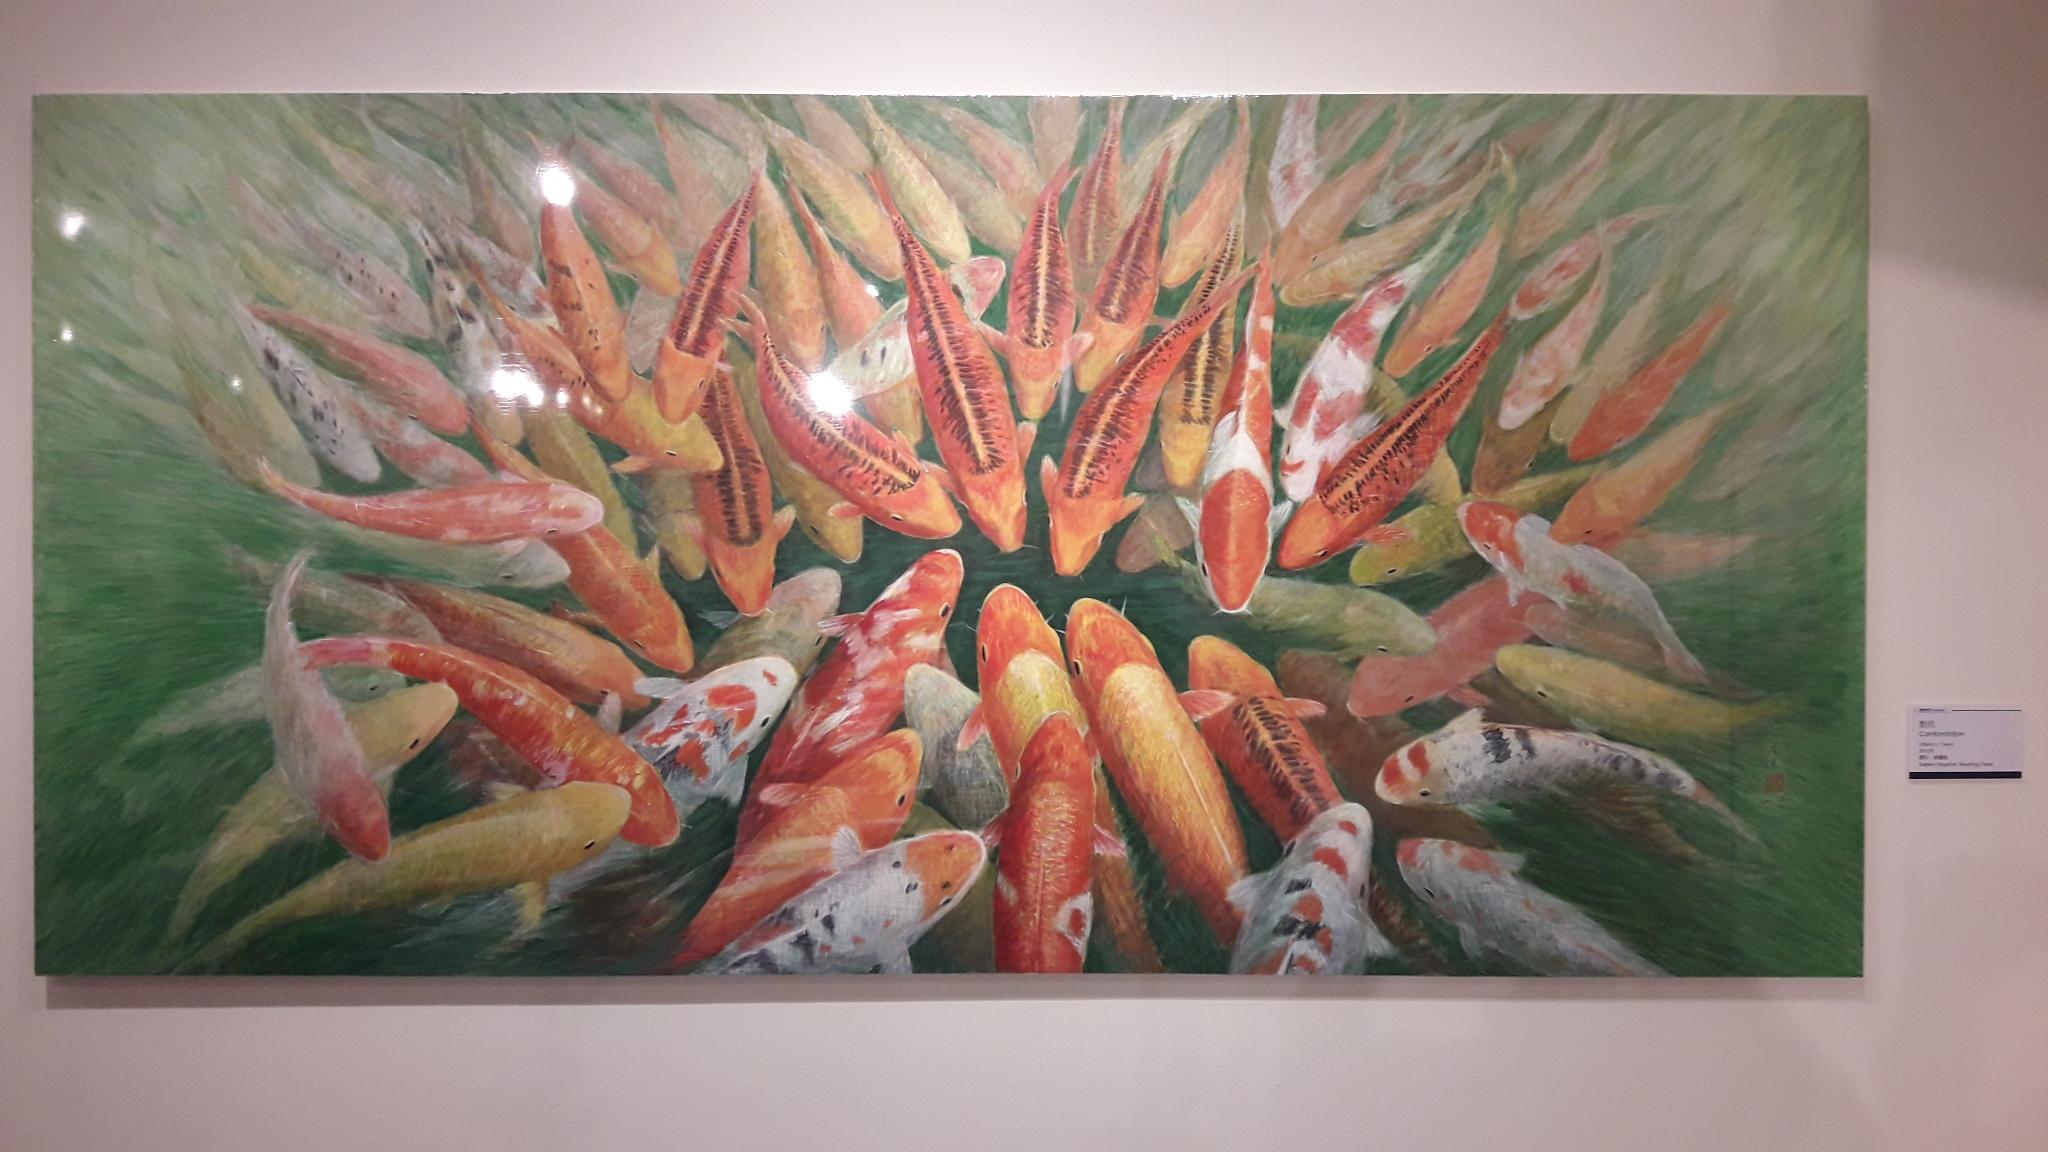 郭香美老師的作品「對抗」。